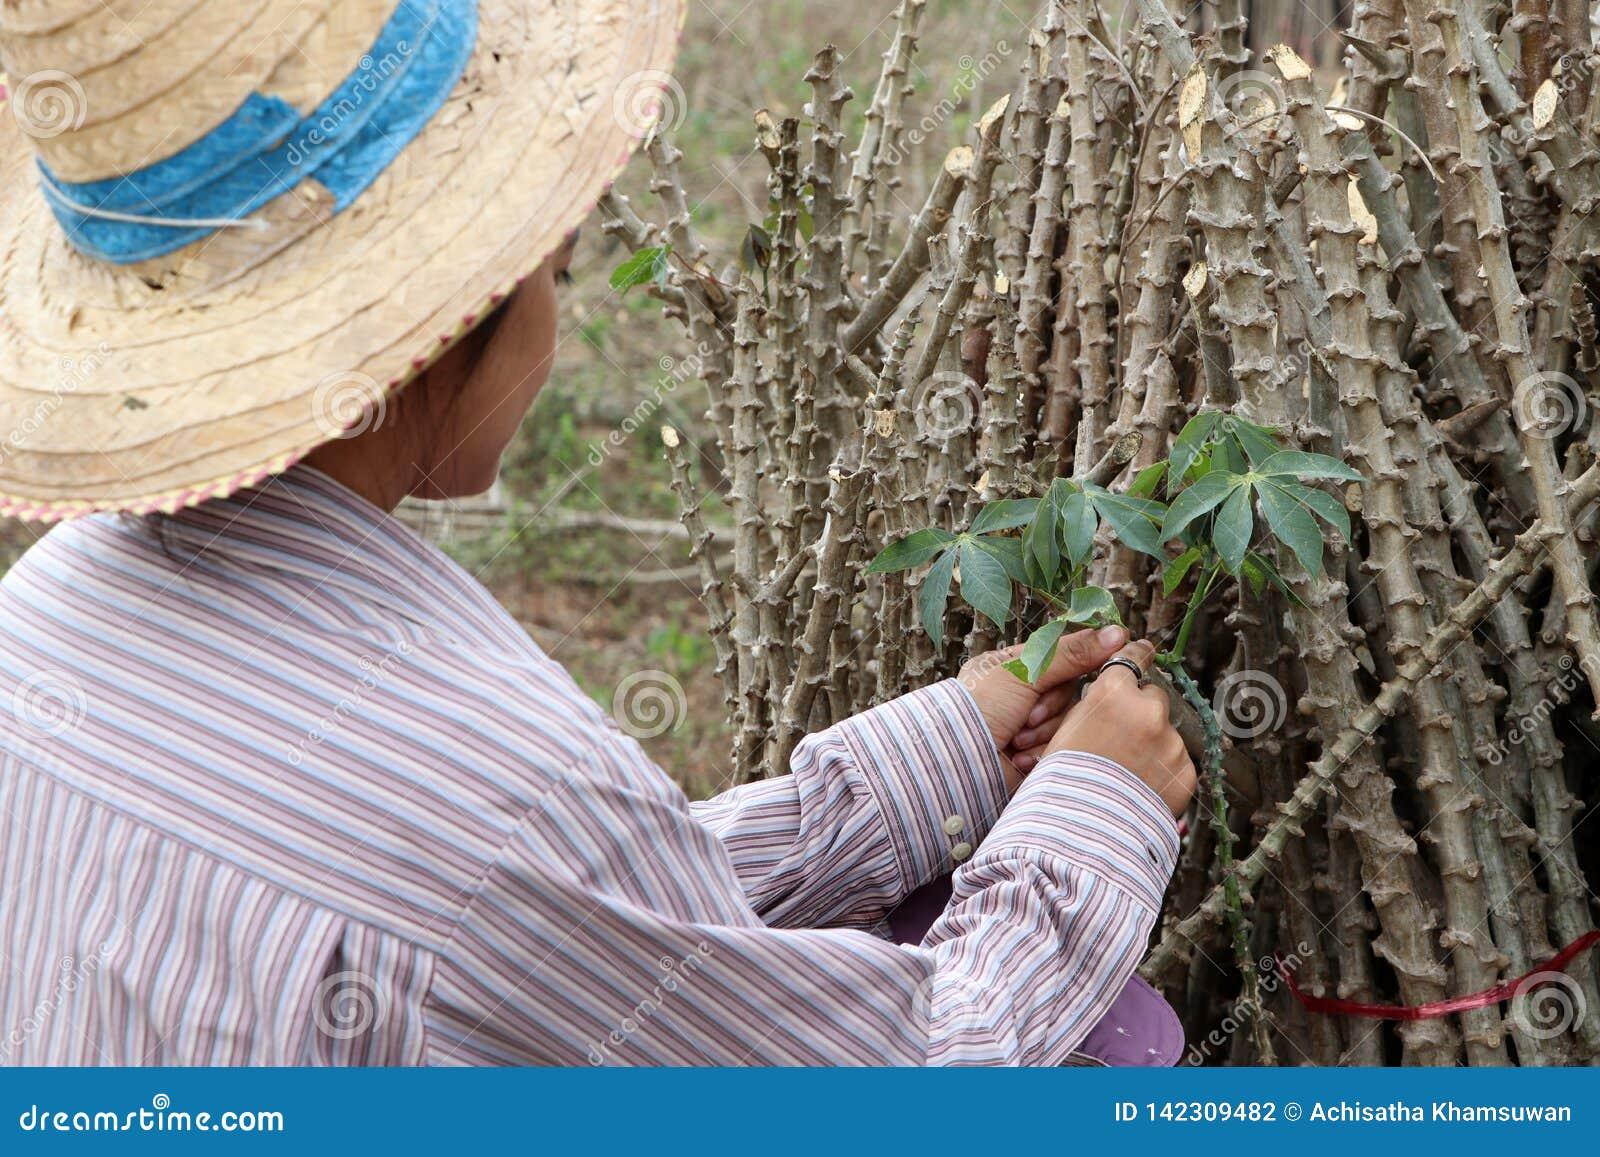 女性珍珠粉植物农夫捉住的叶子茎有在农场一起切开堆的珍珠粉肢体的